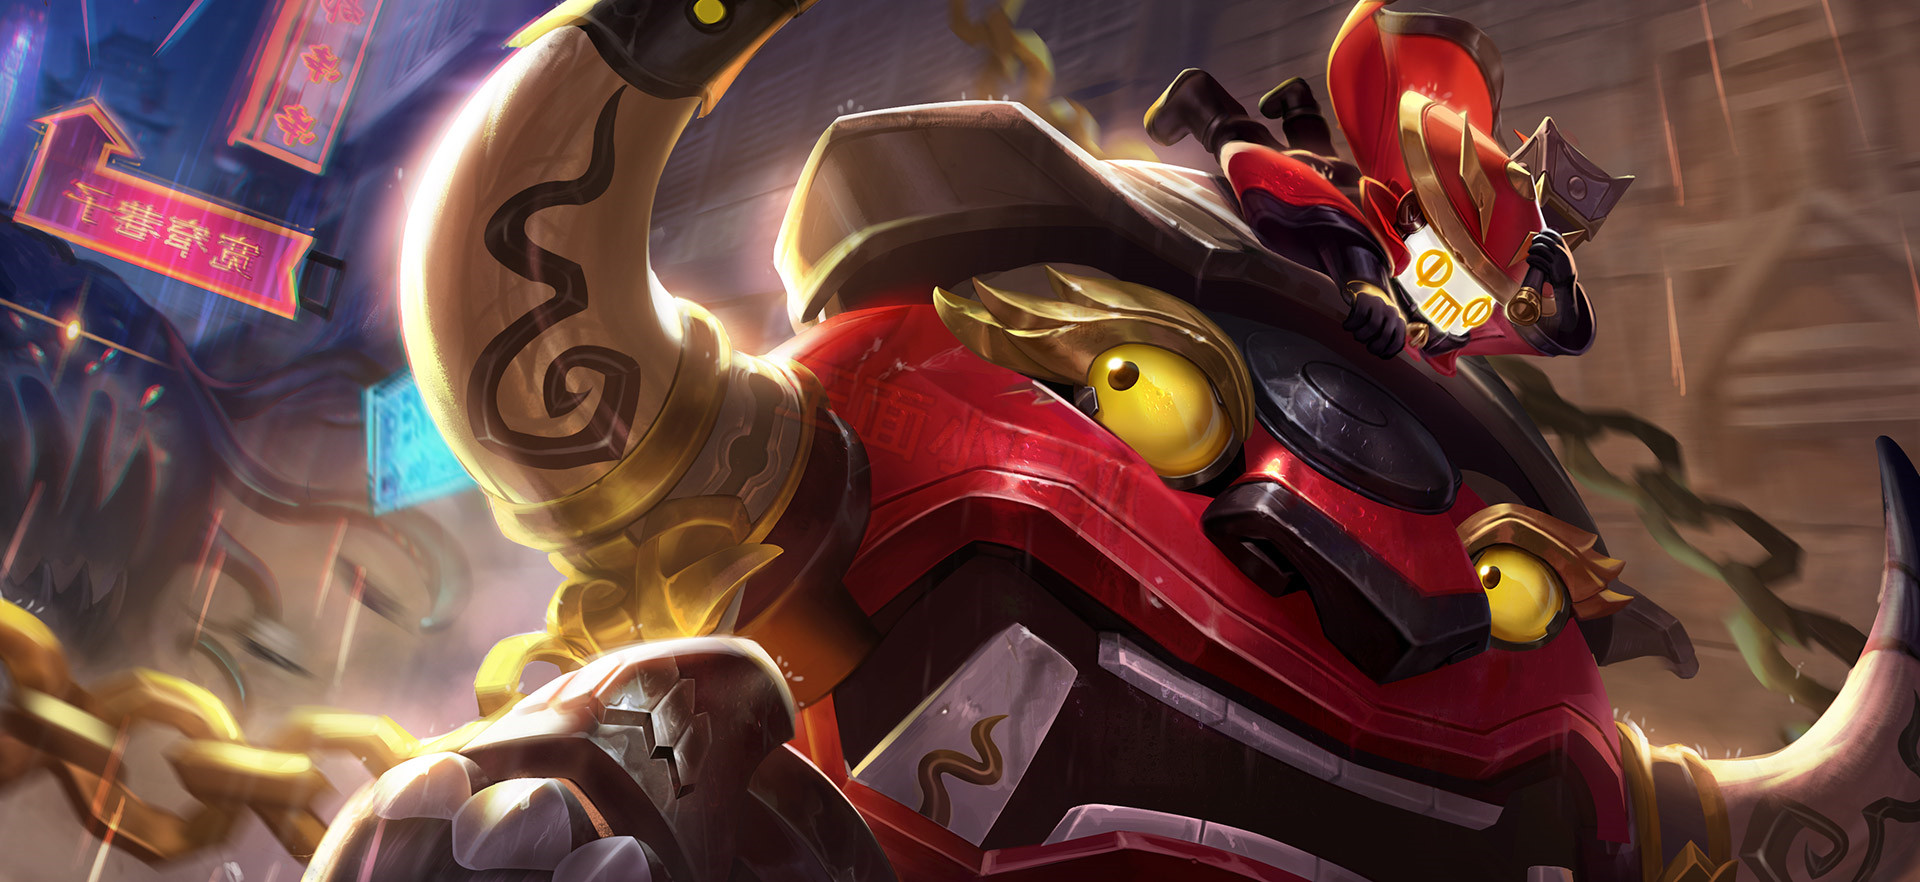 王者荣耀:盾山的五大克星盘点,硬控技能完克新英雄